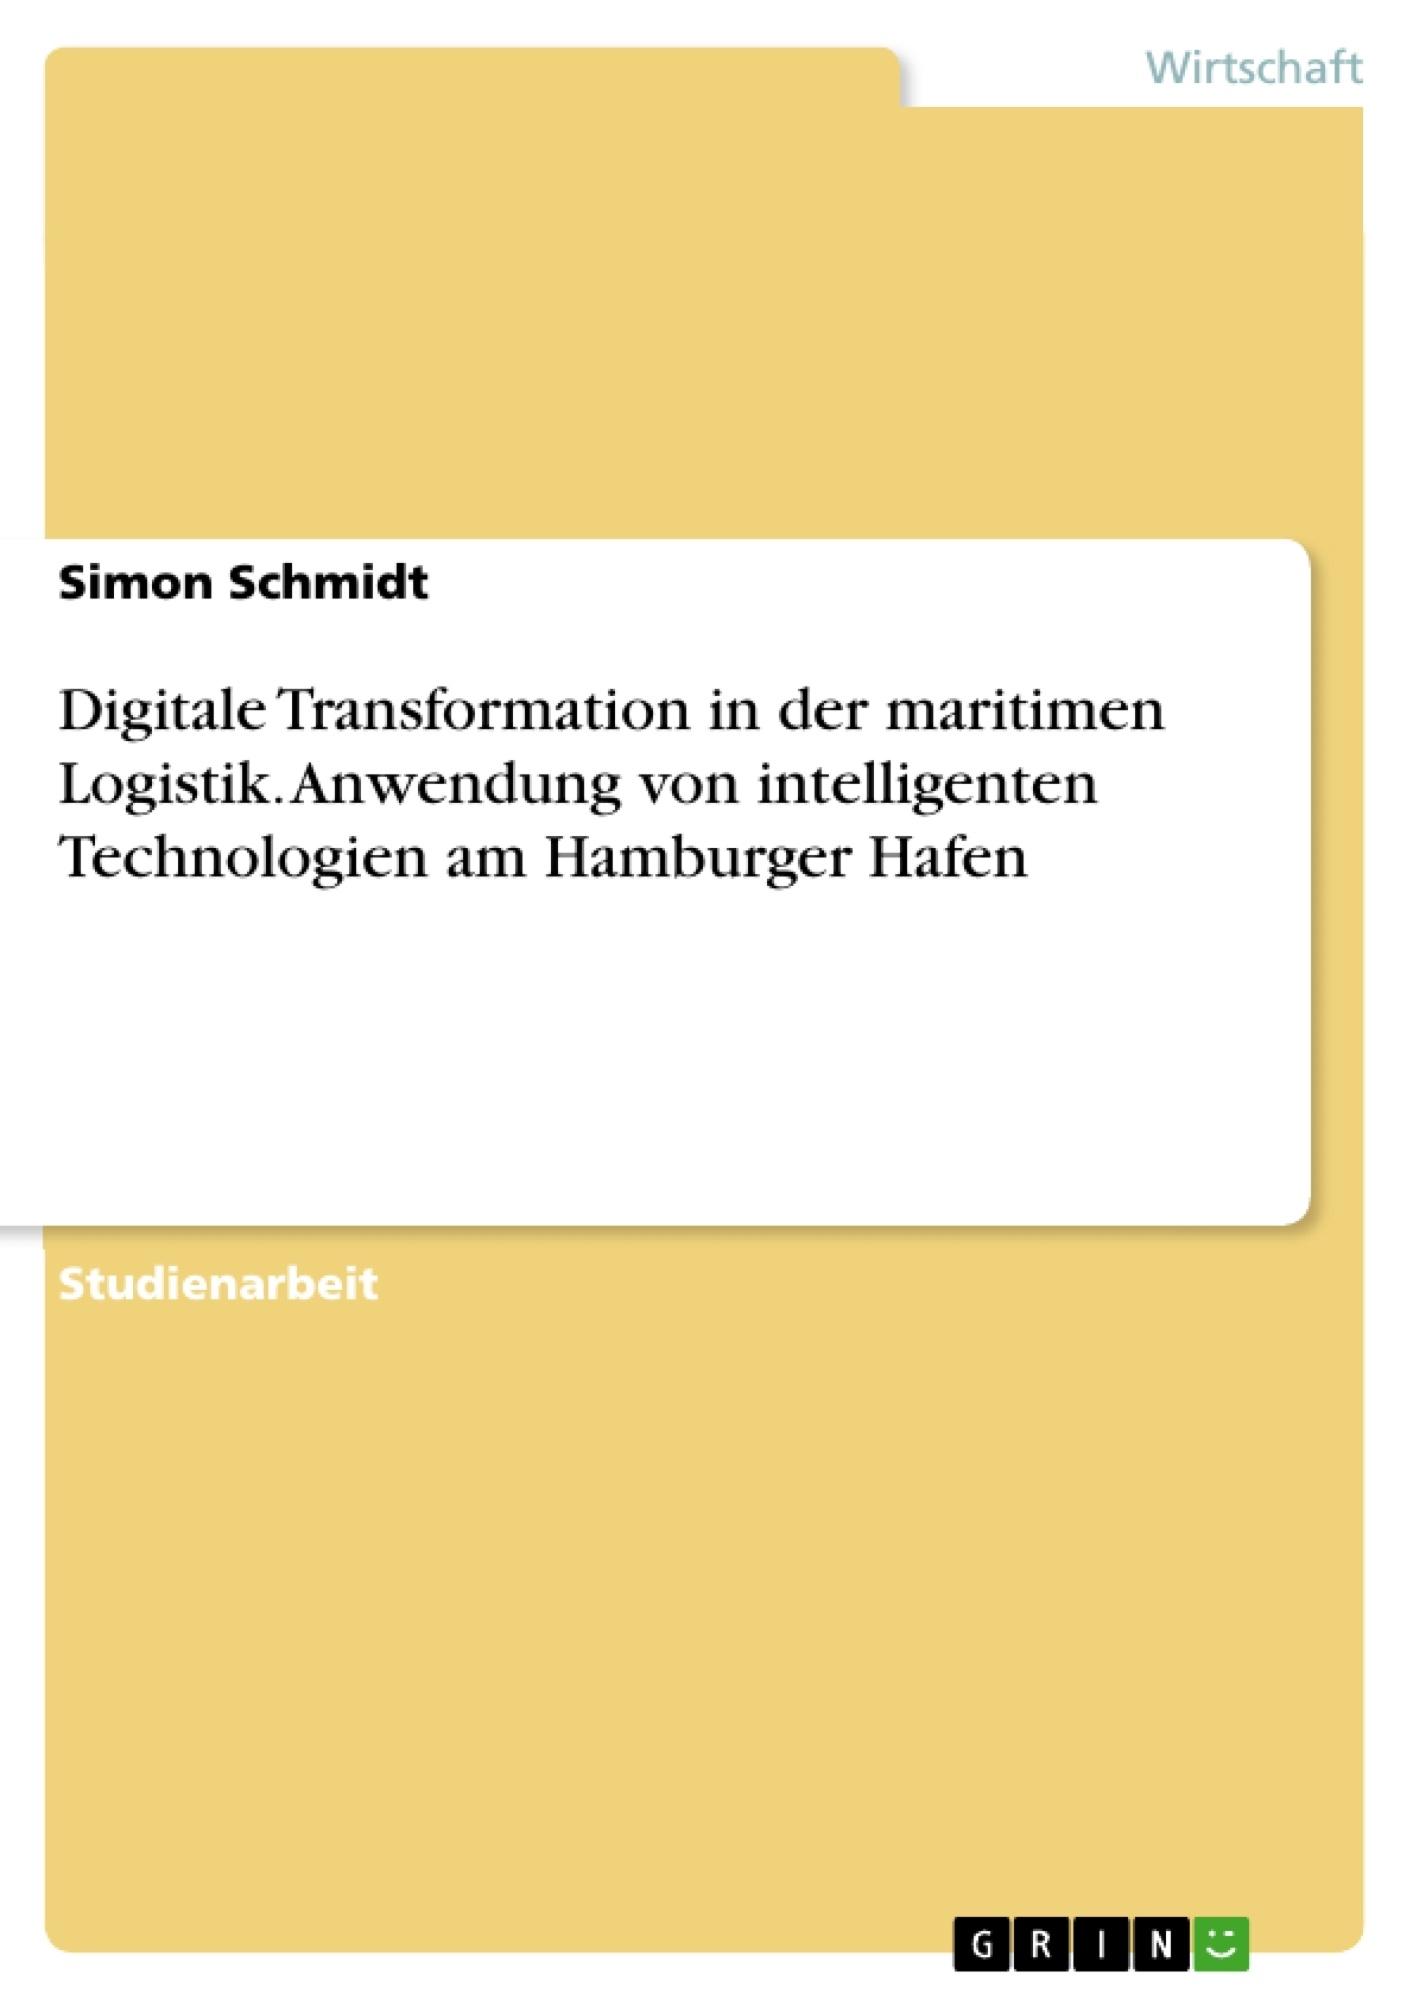 Titel: Digitale Transformation in der maritimen Logistik. Anwendung von intelligenten Technologien am Hamburger Hafen